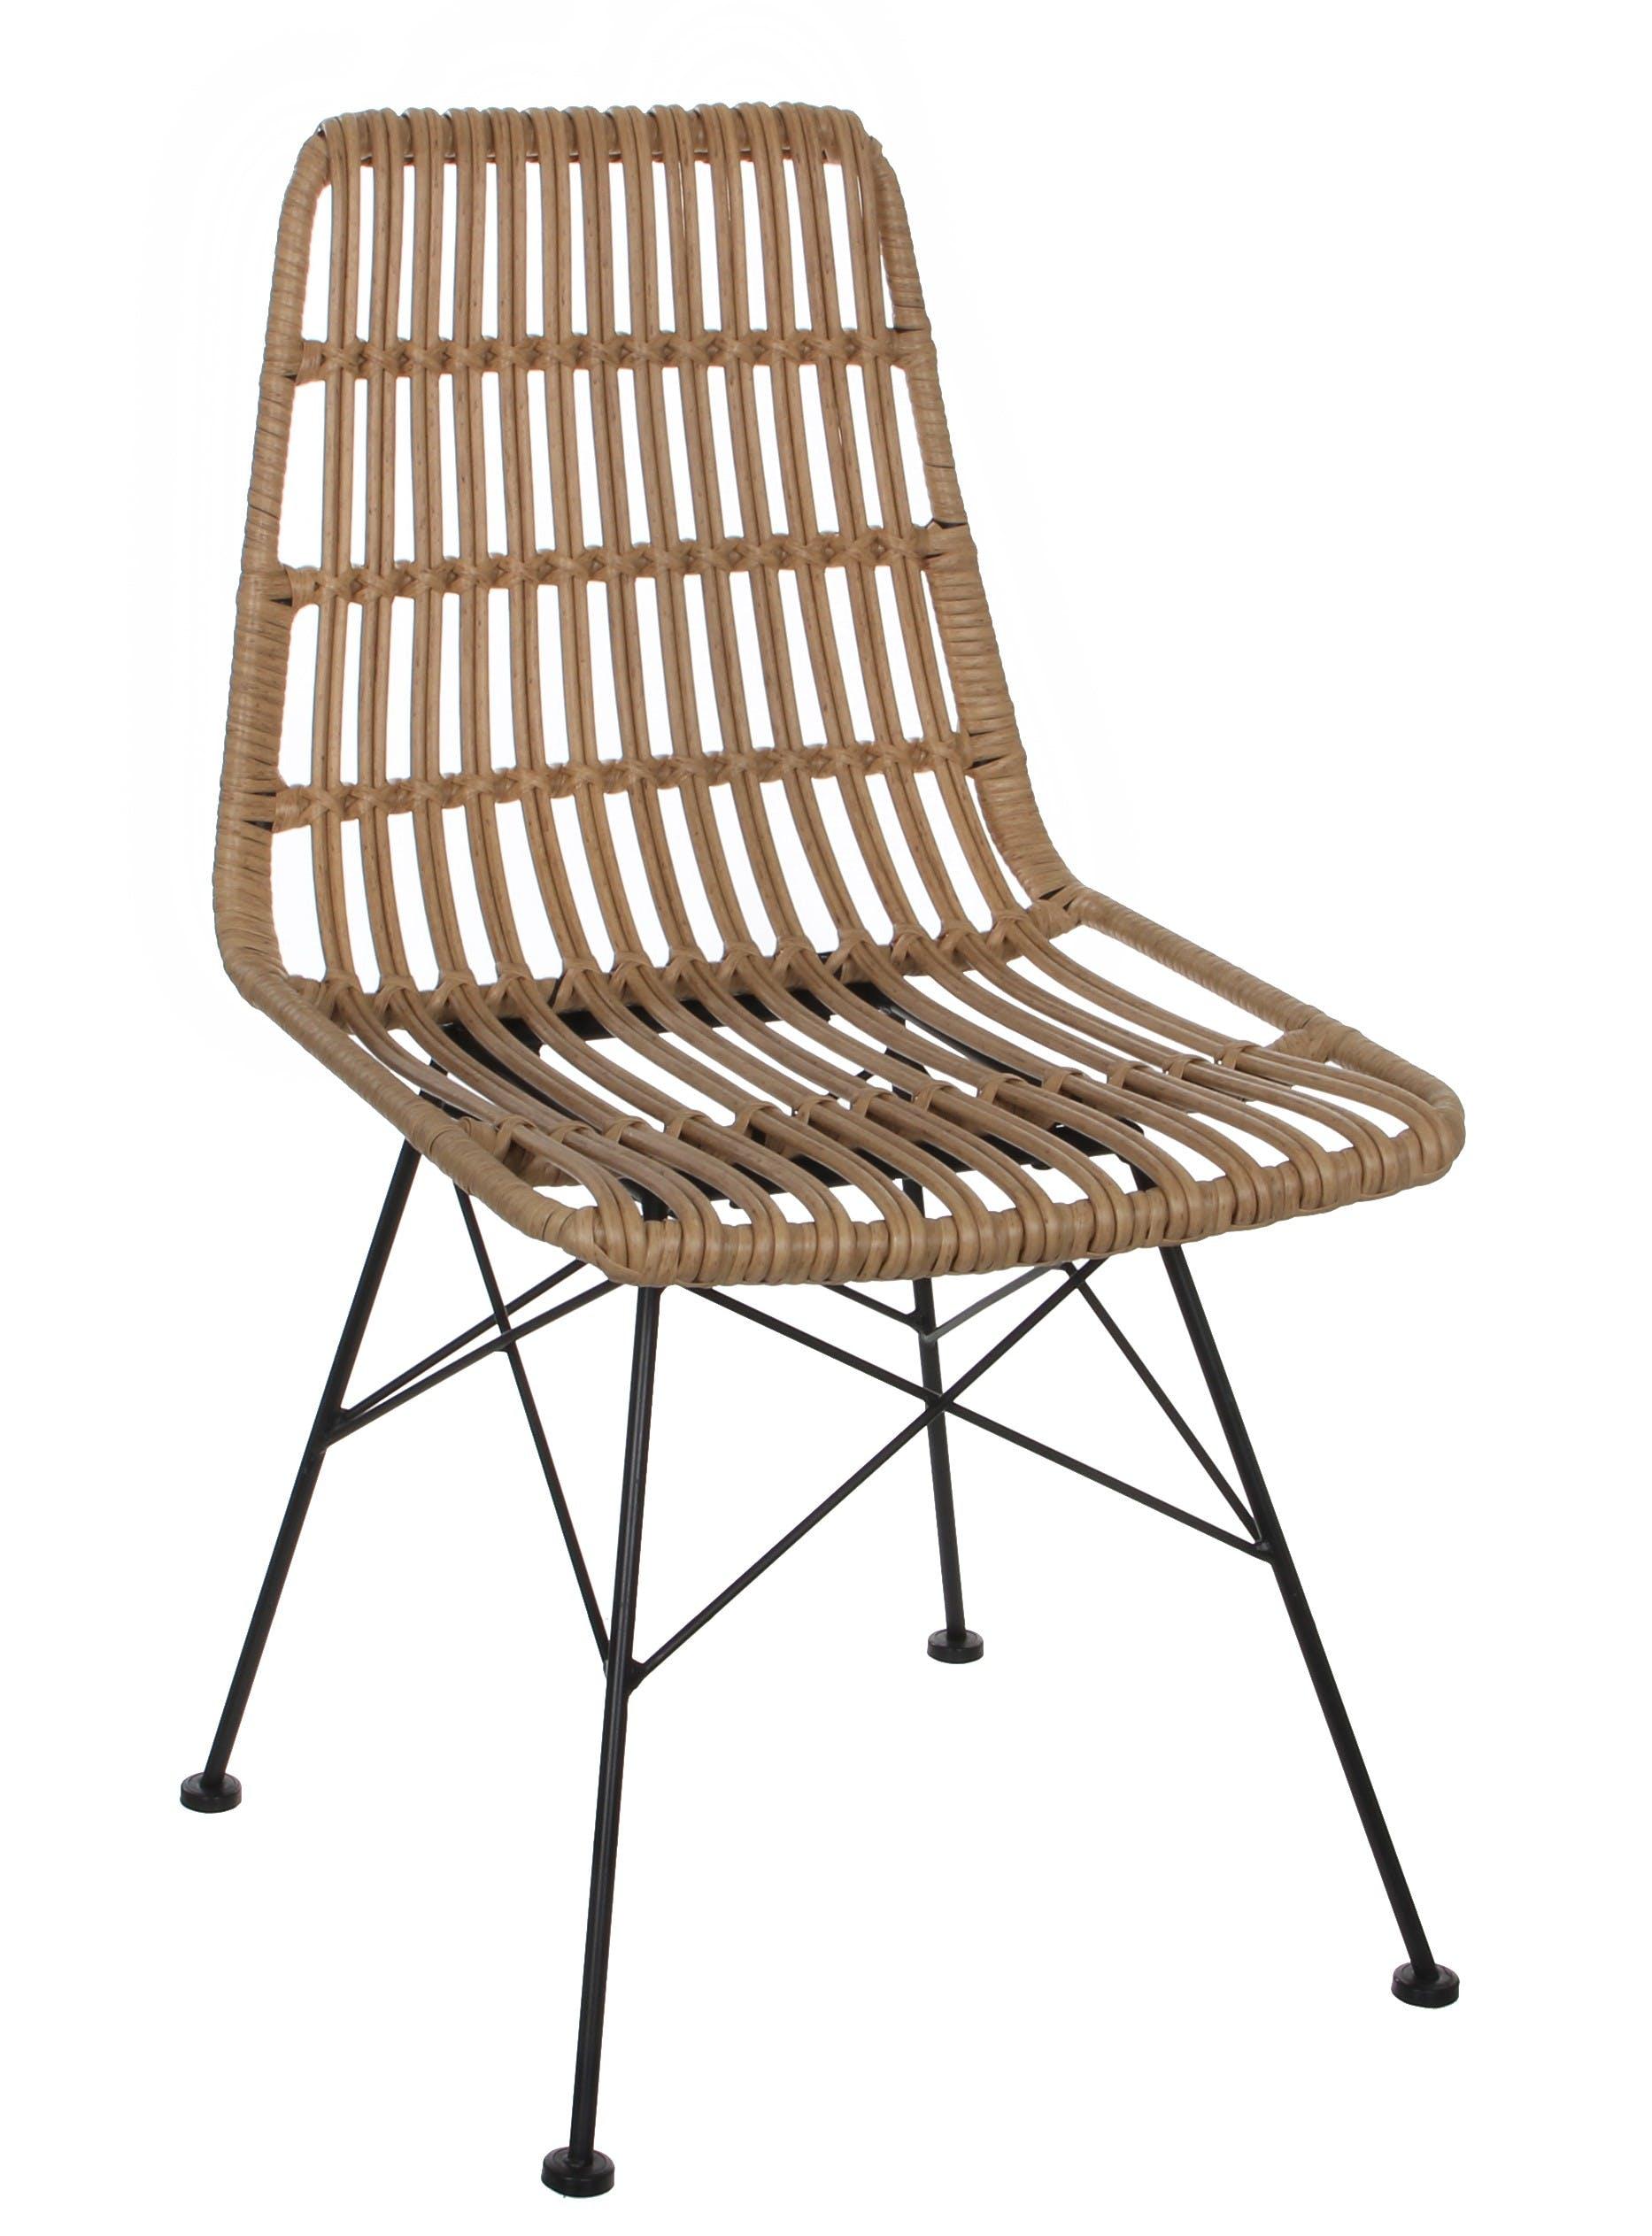 Chaise de Jardin style rotin ajouré couleur naturelle et pieds métal 47x56x85cm